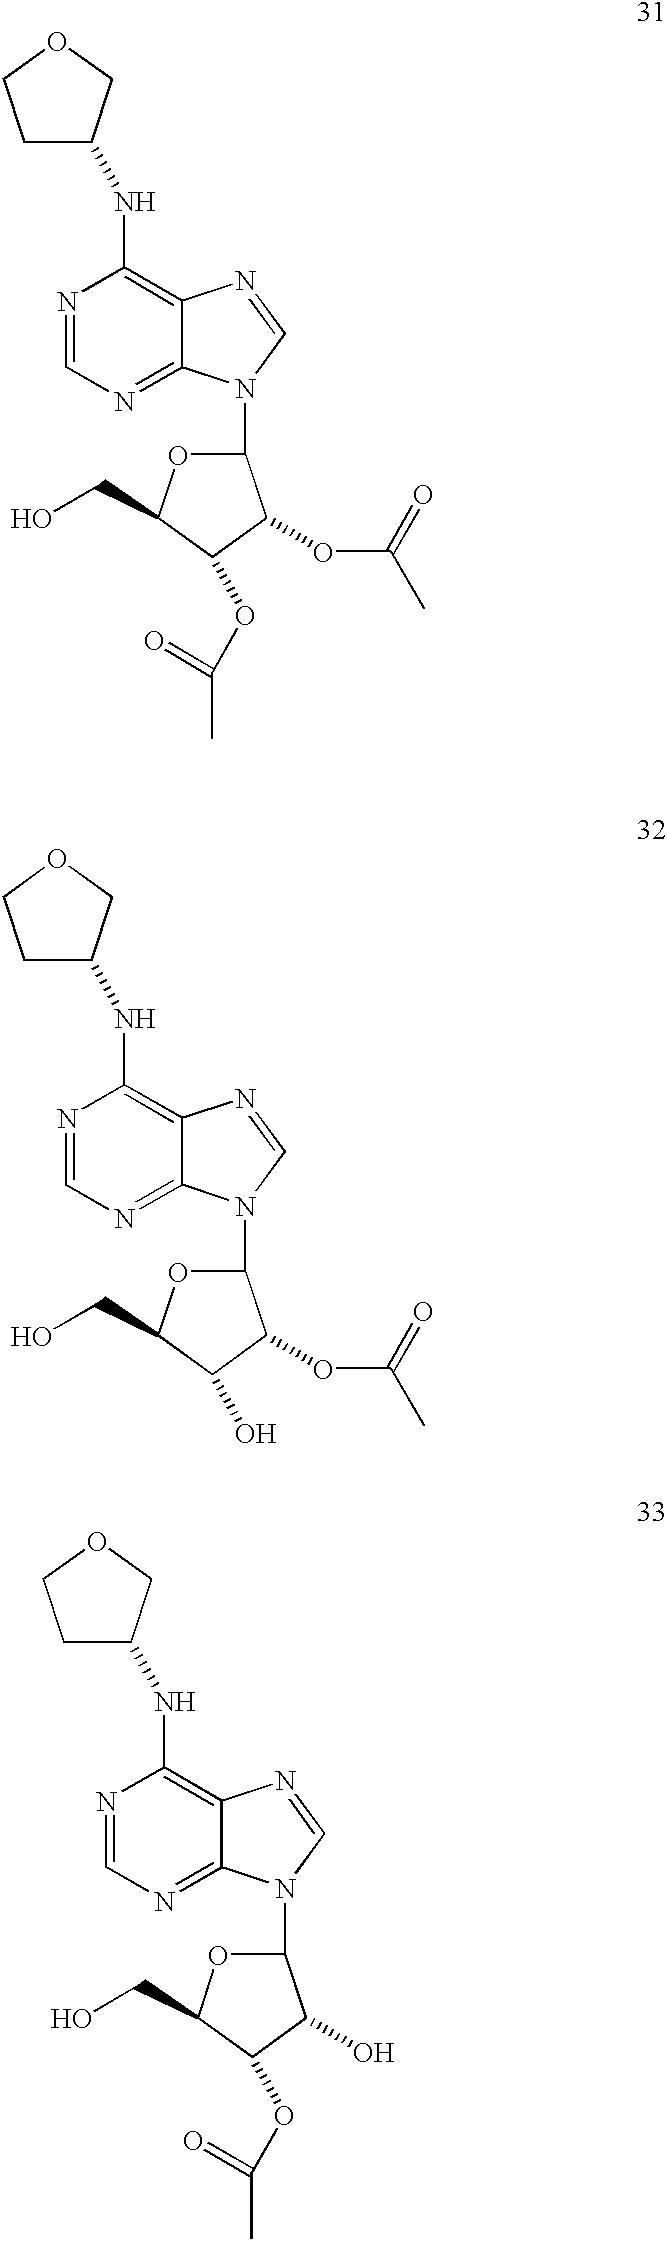 Figure US06576619-20030610-C00041